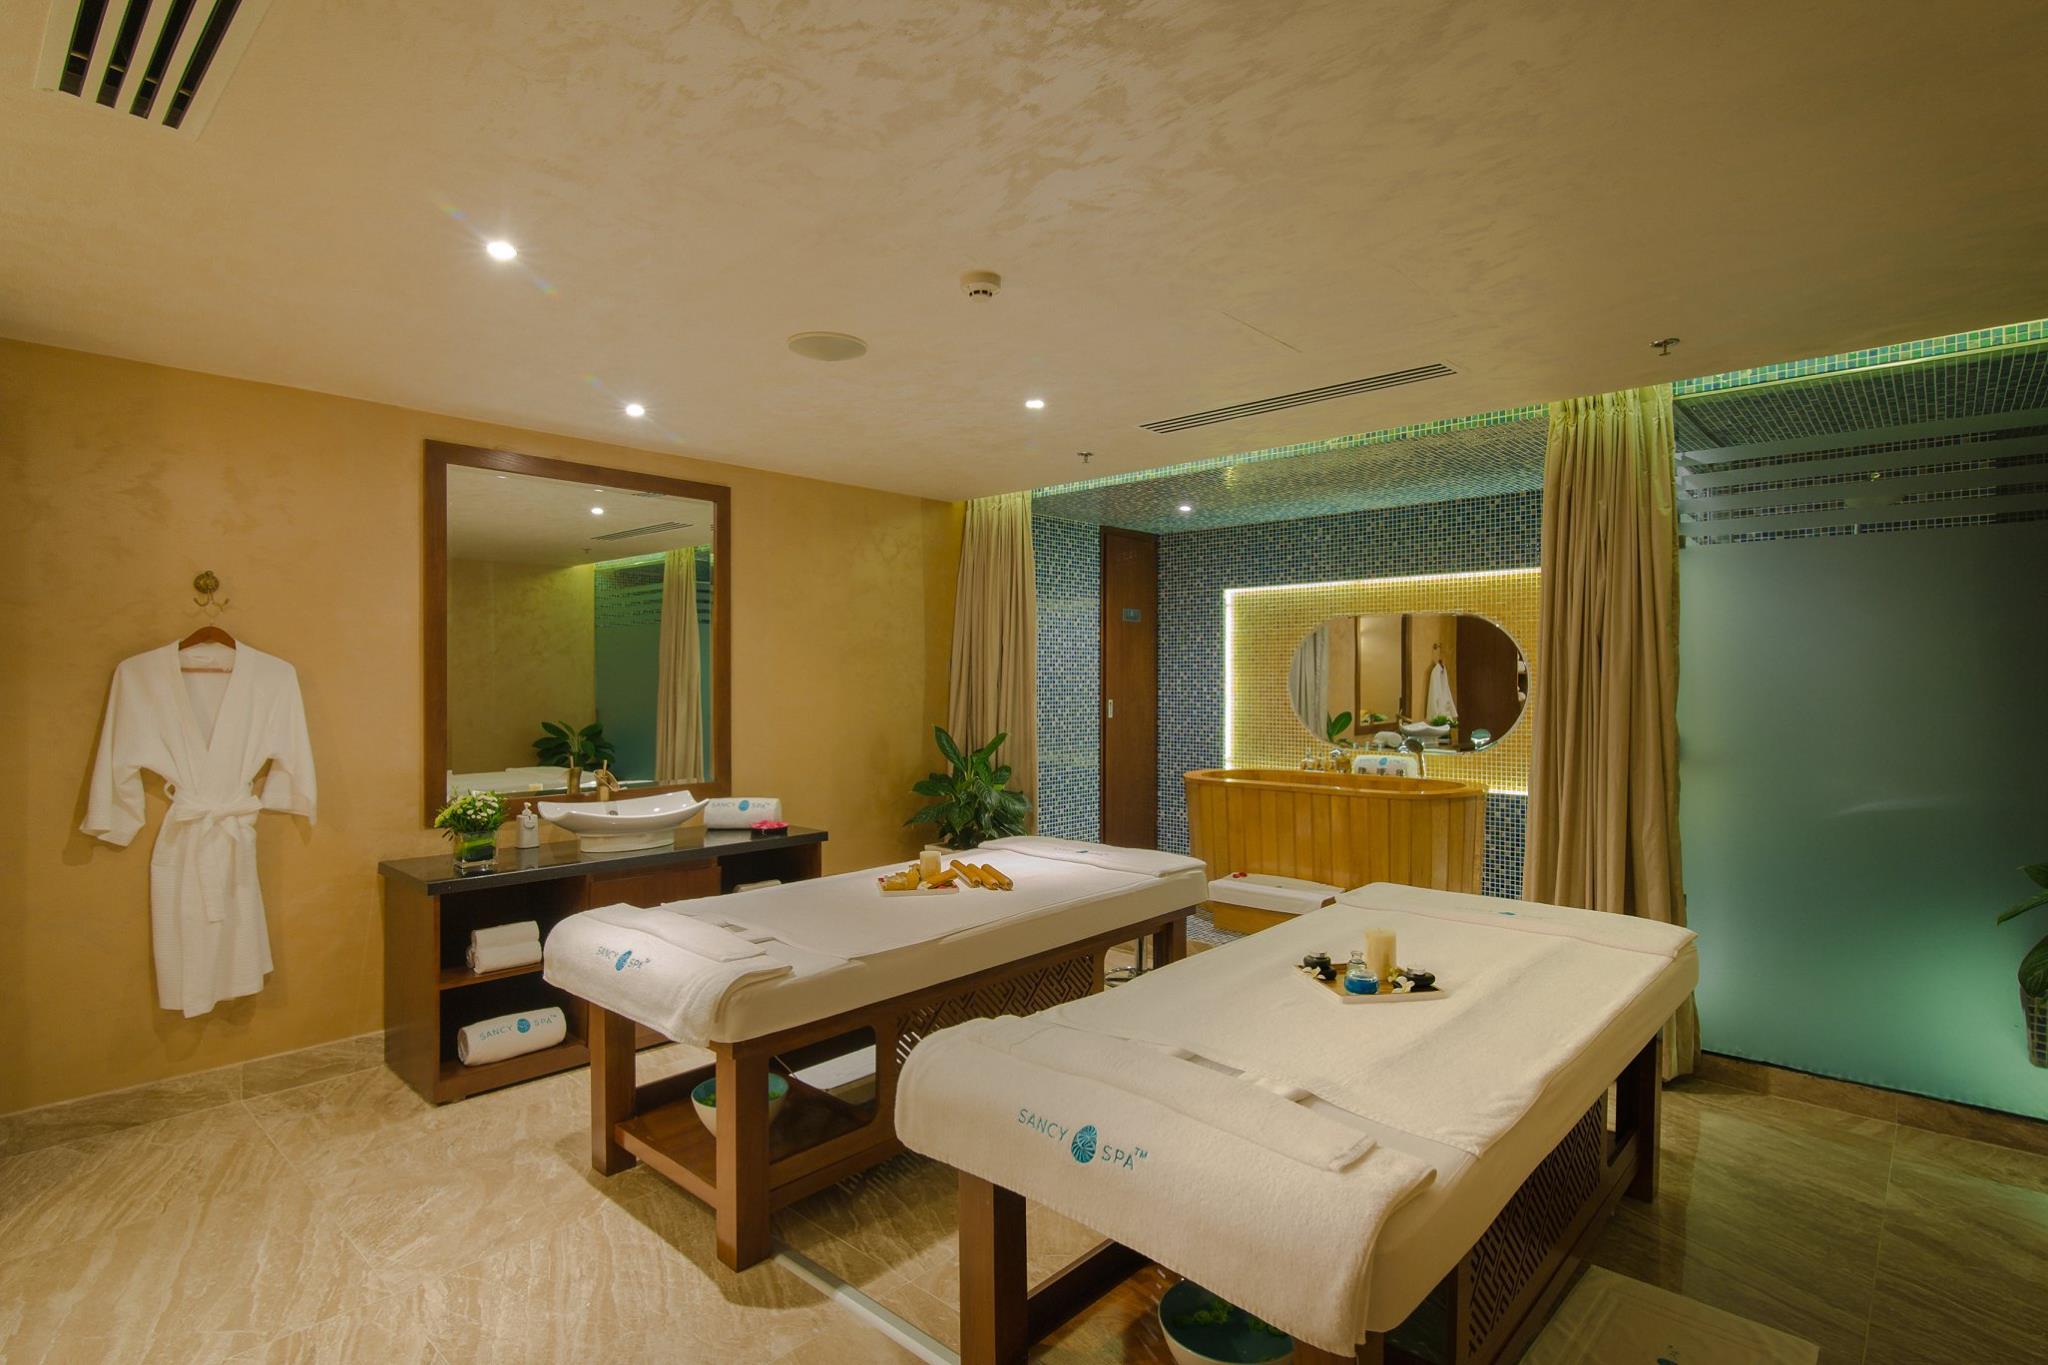 Sancy Spa – Dự án spa nghỉ dưỡng với 6 bồn Jacuzzi do Mai Hân Spa cung cấp hình ảnh 4